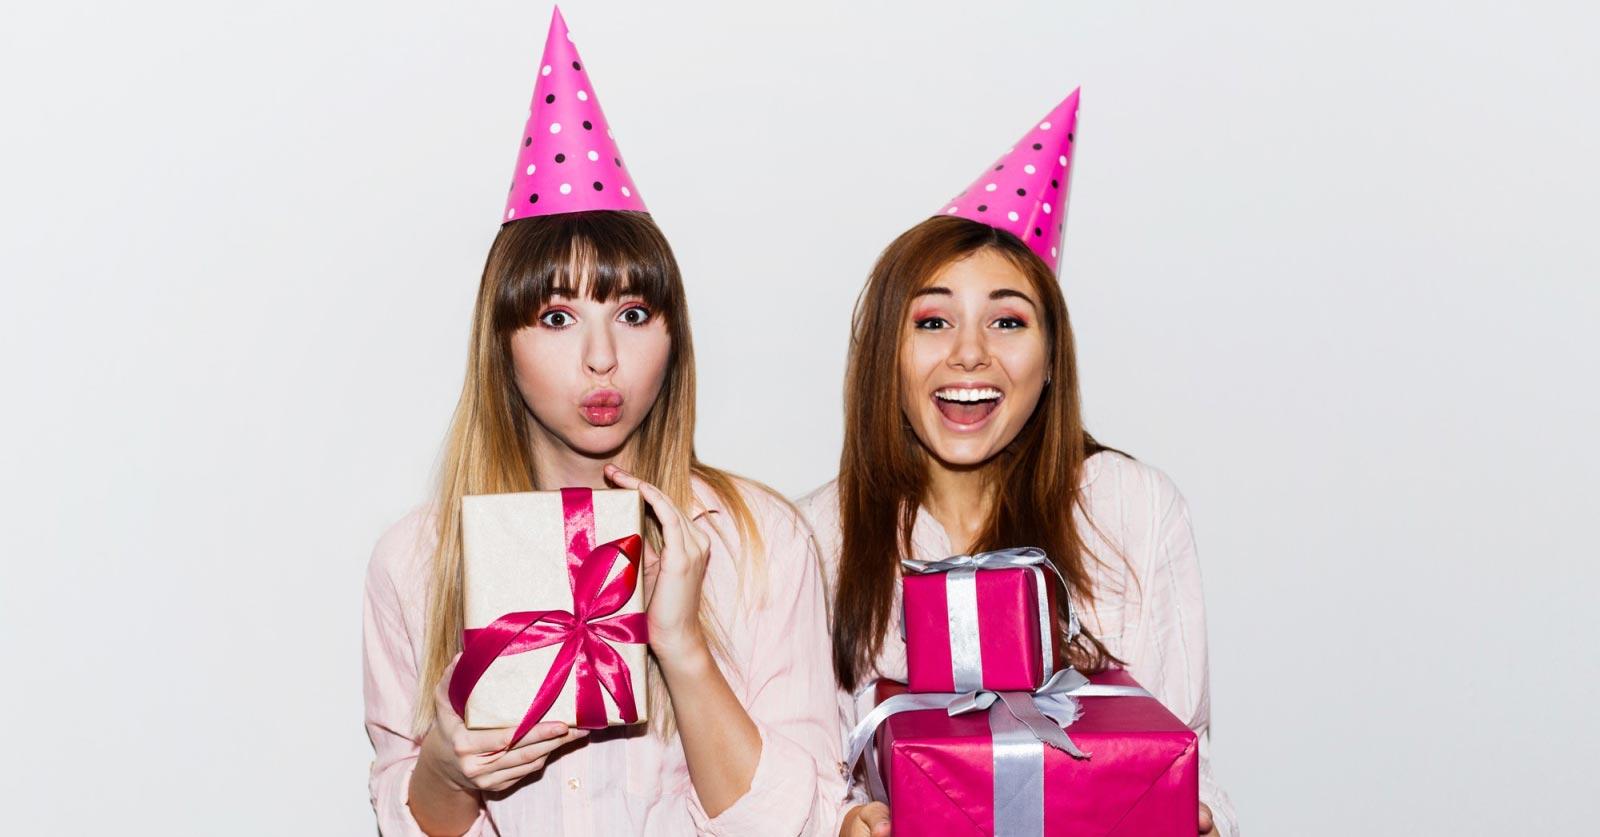 Cosa regalare per i 18 anni: idee per ragazzi e ragazze